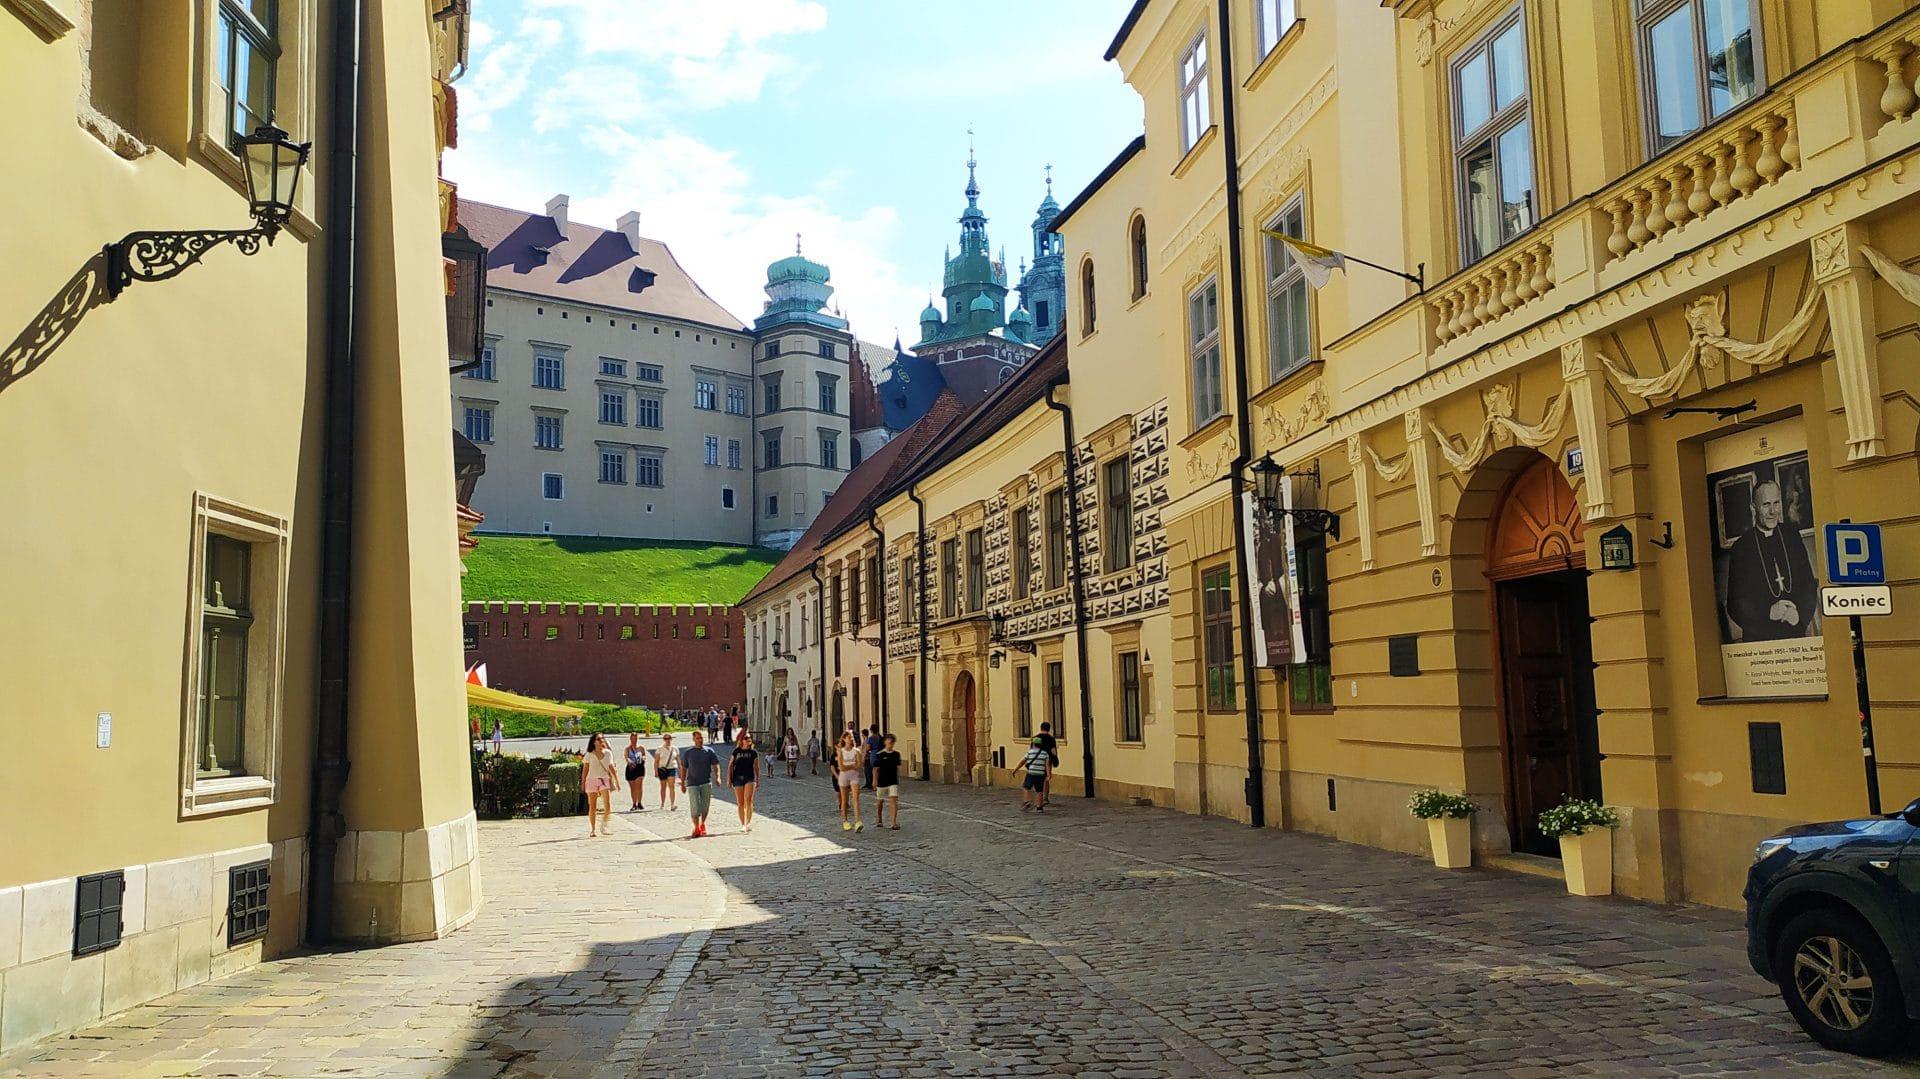 Ulica Kanonicza w Krakowie. Wawel. Dom Długosza. Co warto zobaczyć w Krakowie?